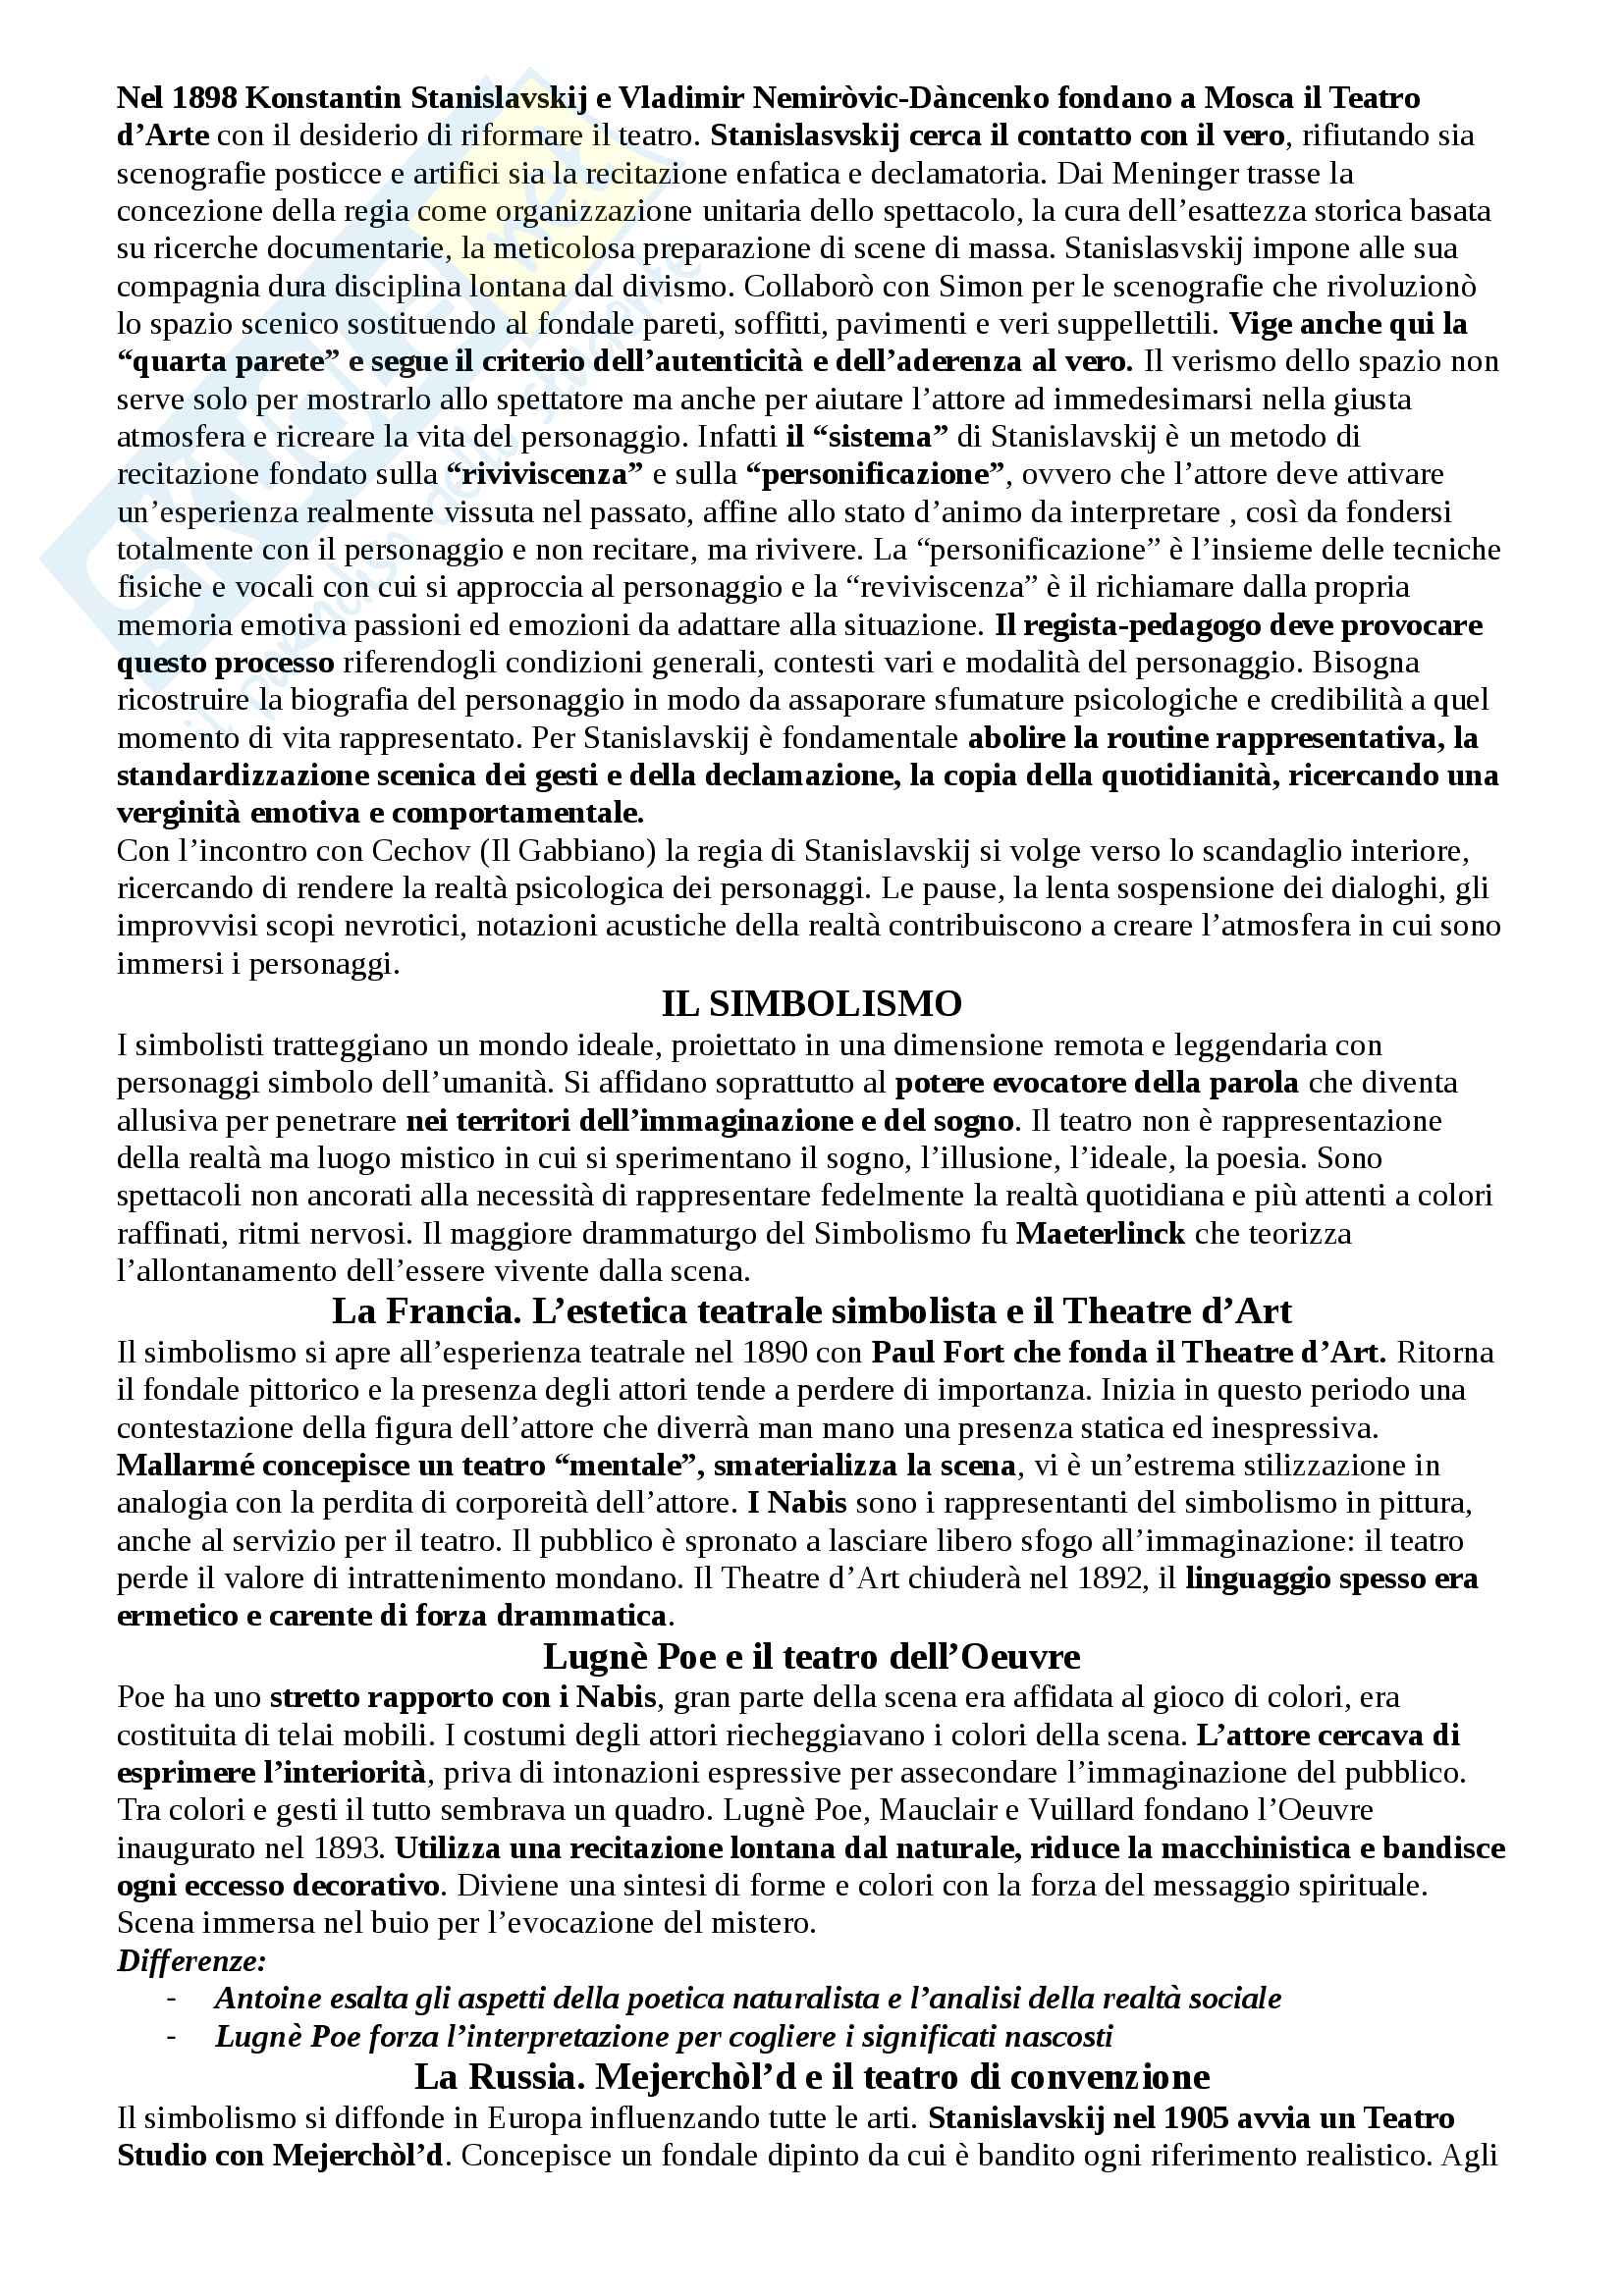 Riassunto esame Storia del teatro e dello spettacolo, prof. Egidio Pag. 11